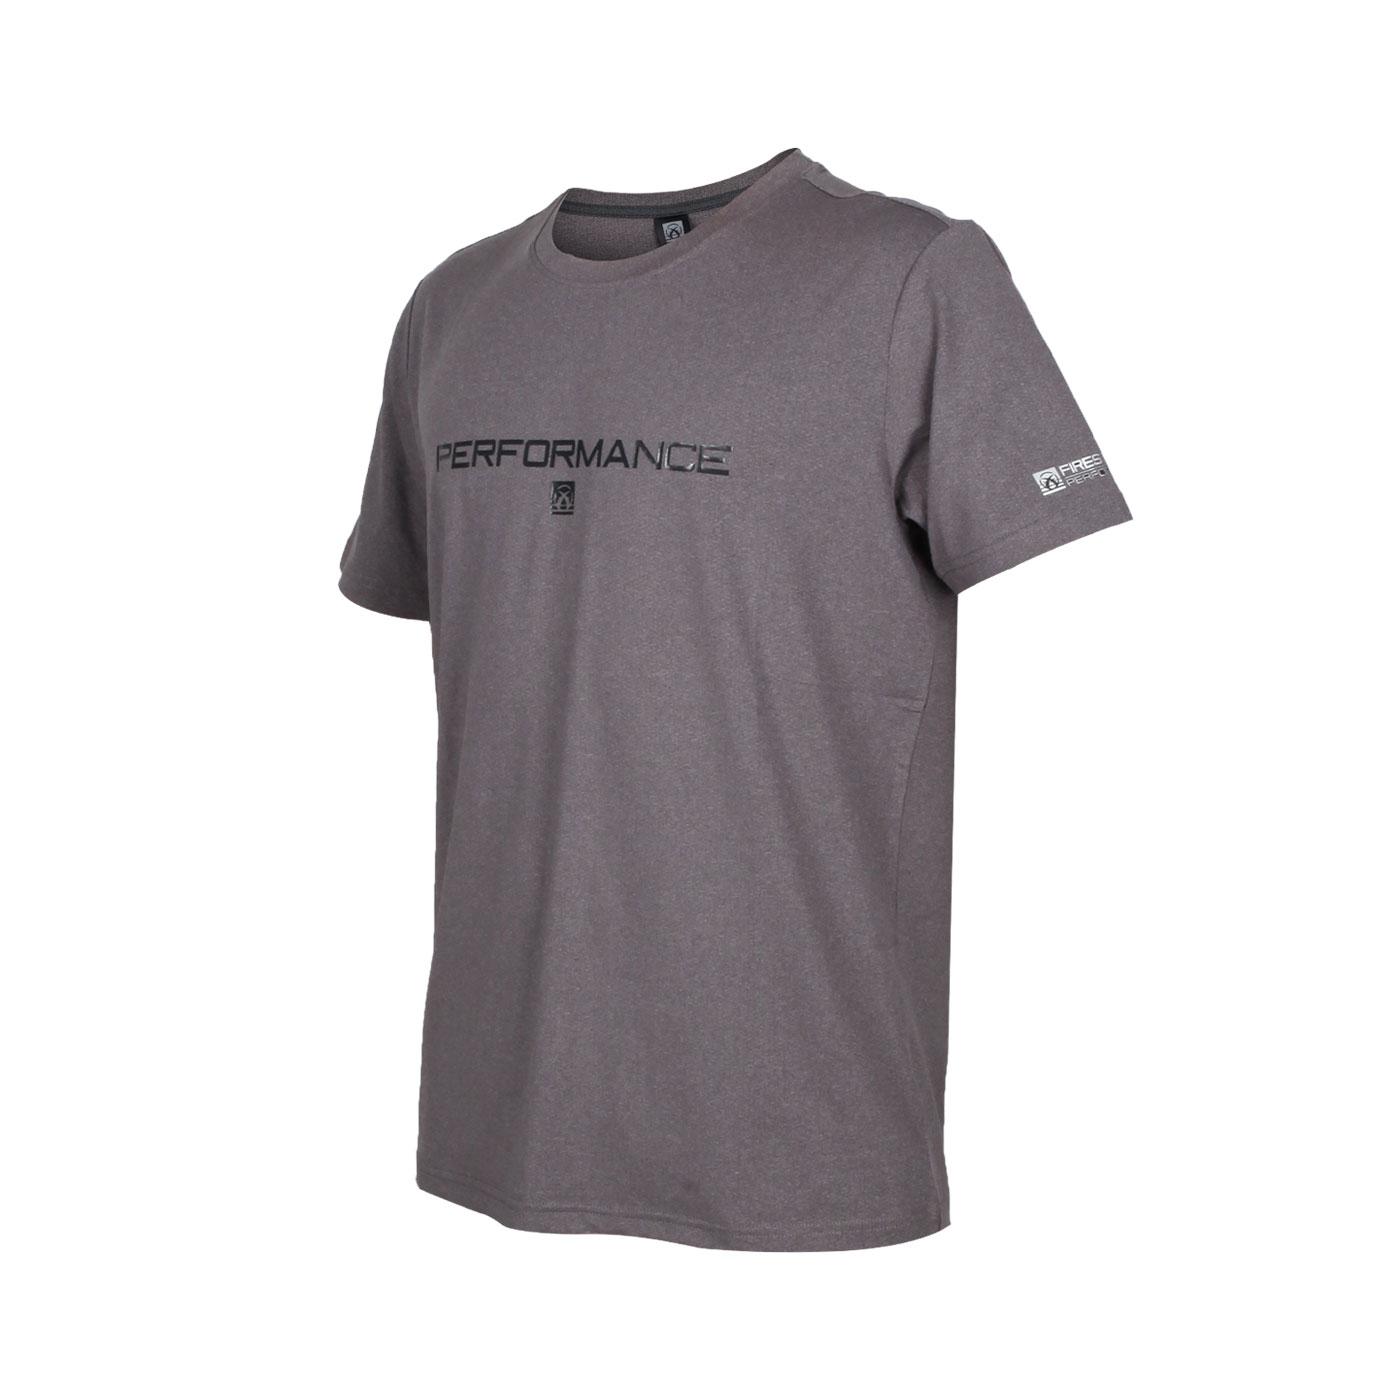 FIRESTAR 男款彈性印花圓領短袖T恤 D0538-18 - 深麻灰黑